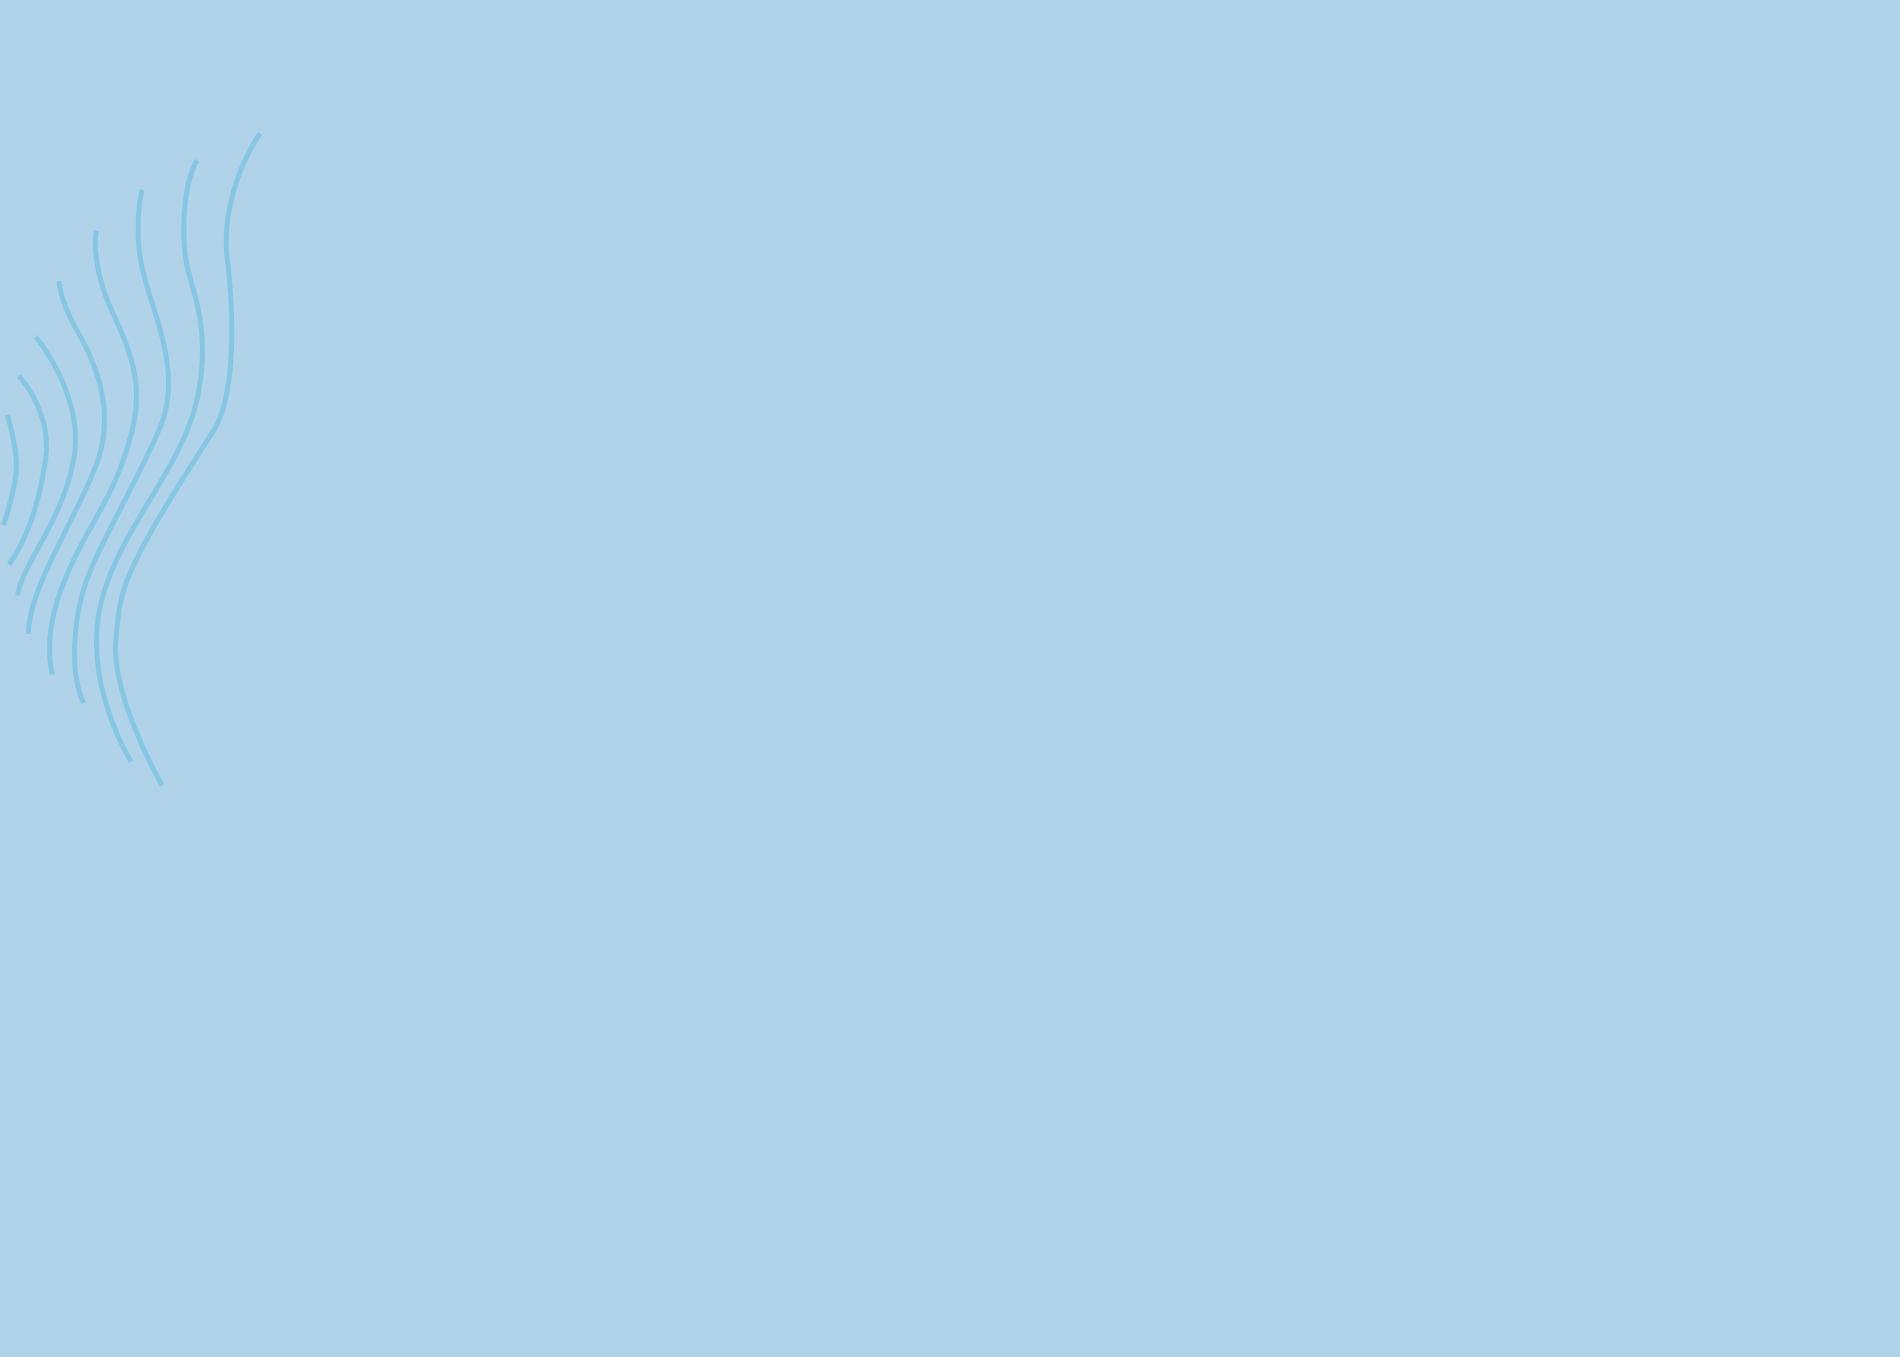 image-53